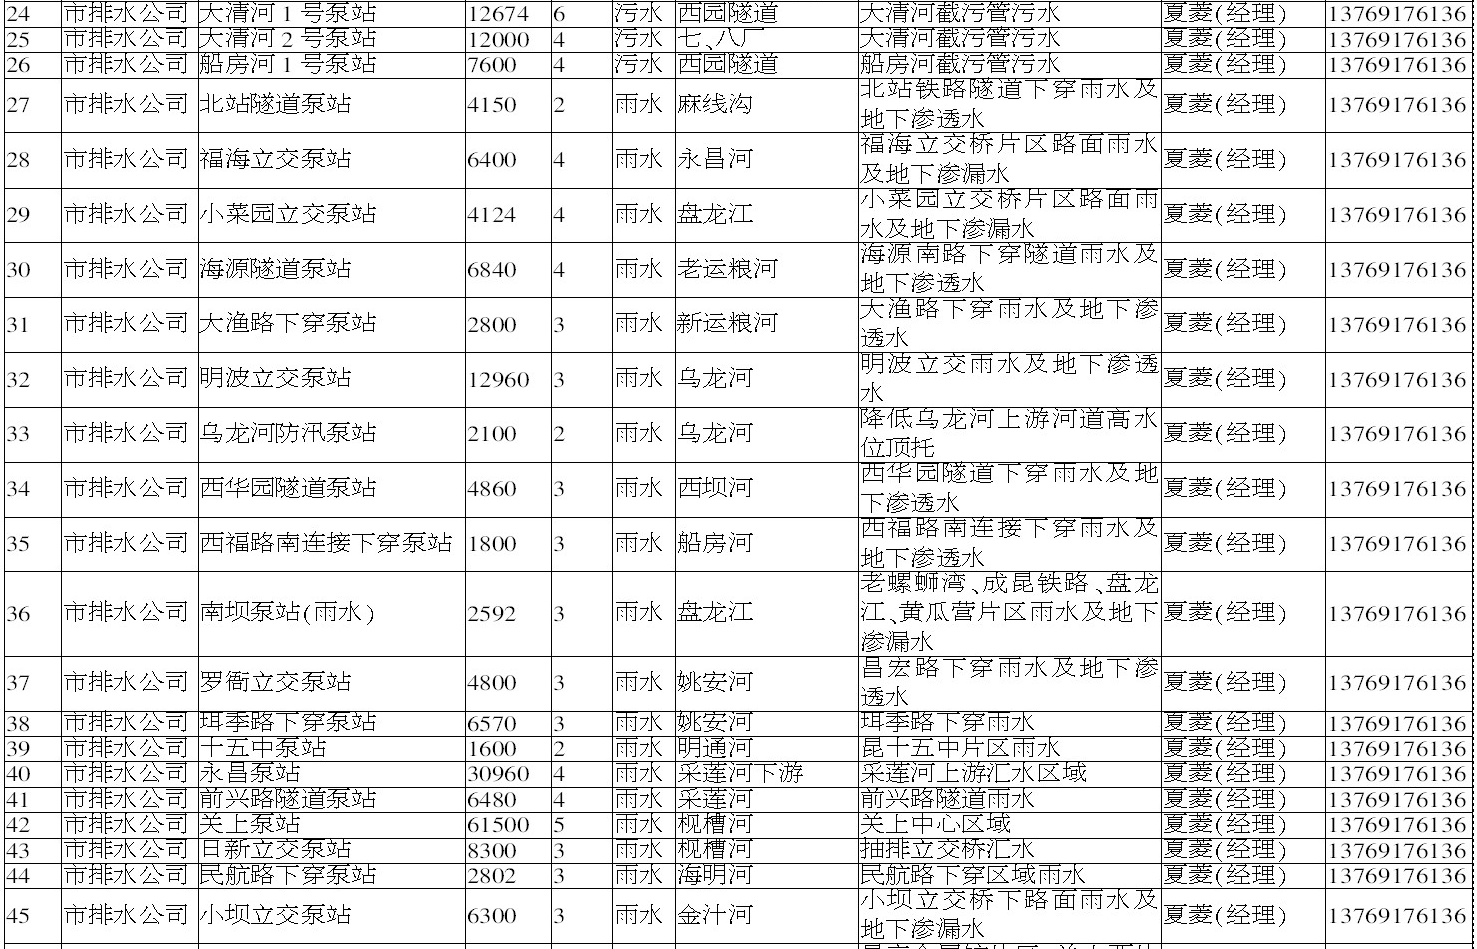 昆明主城263个易内涝淹水点和防汛排涝点公布30.png